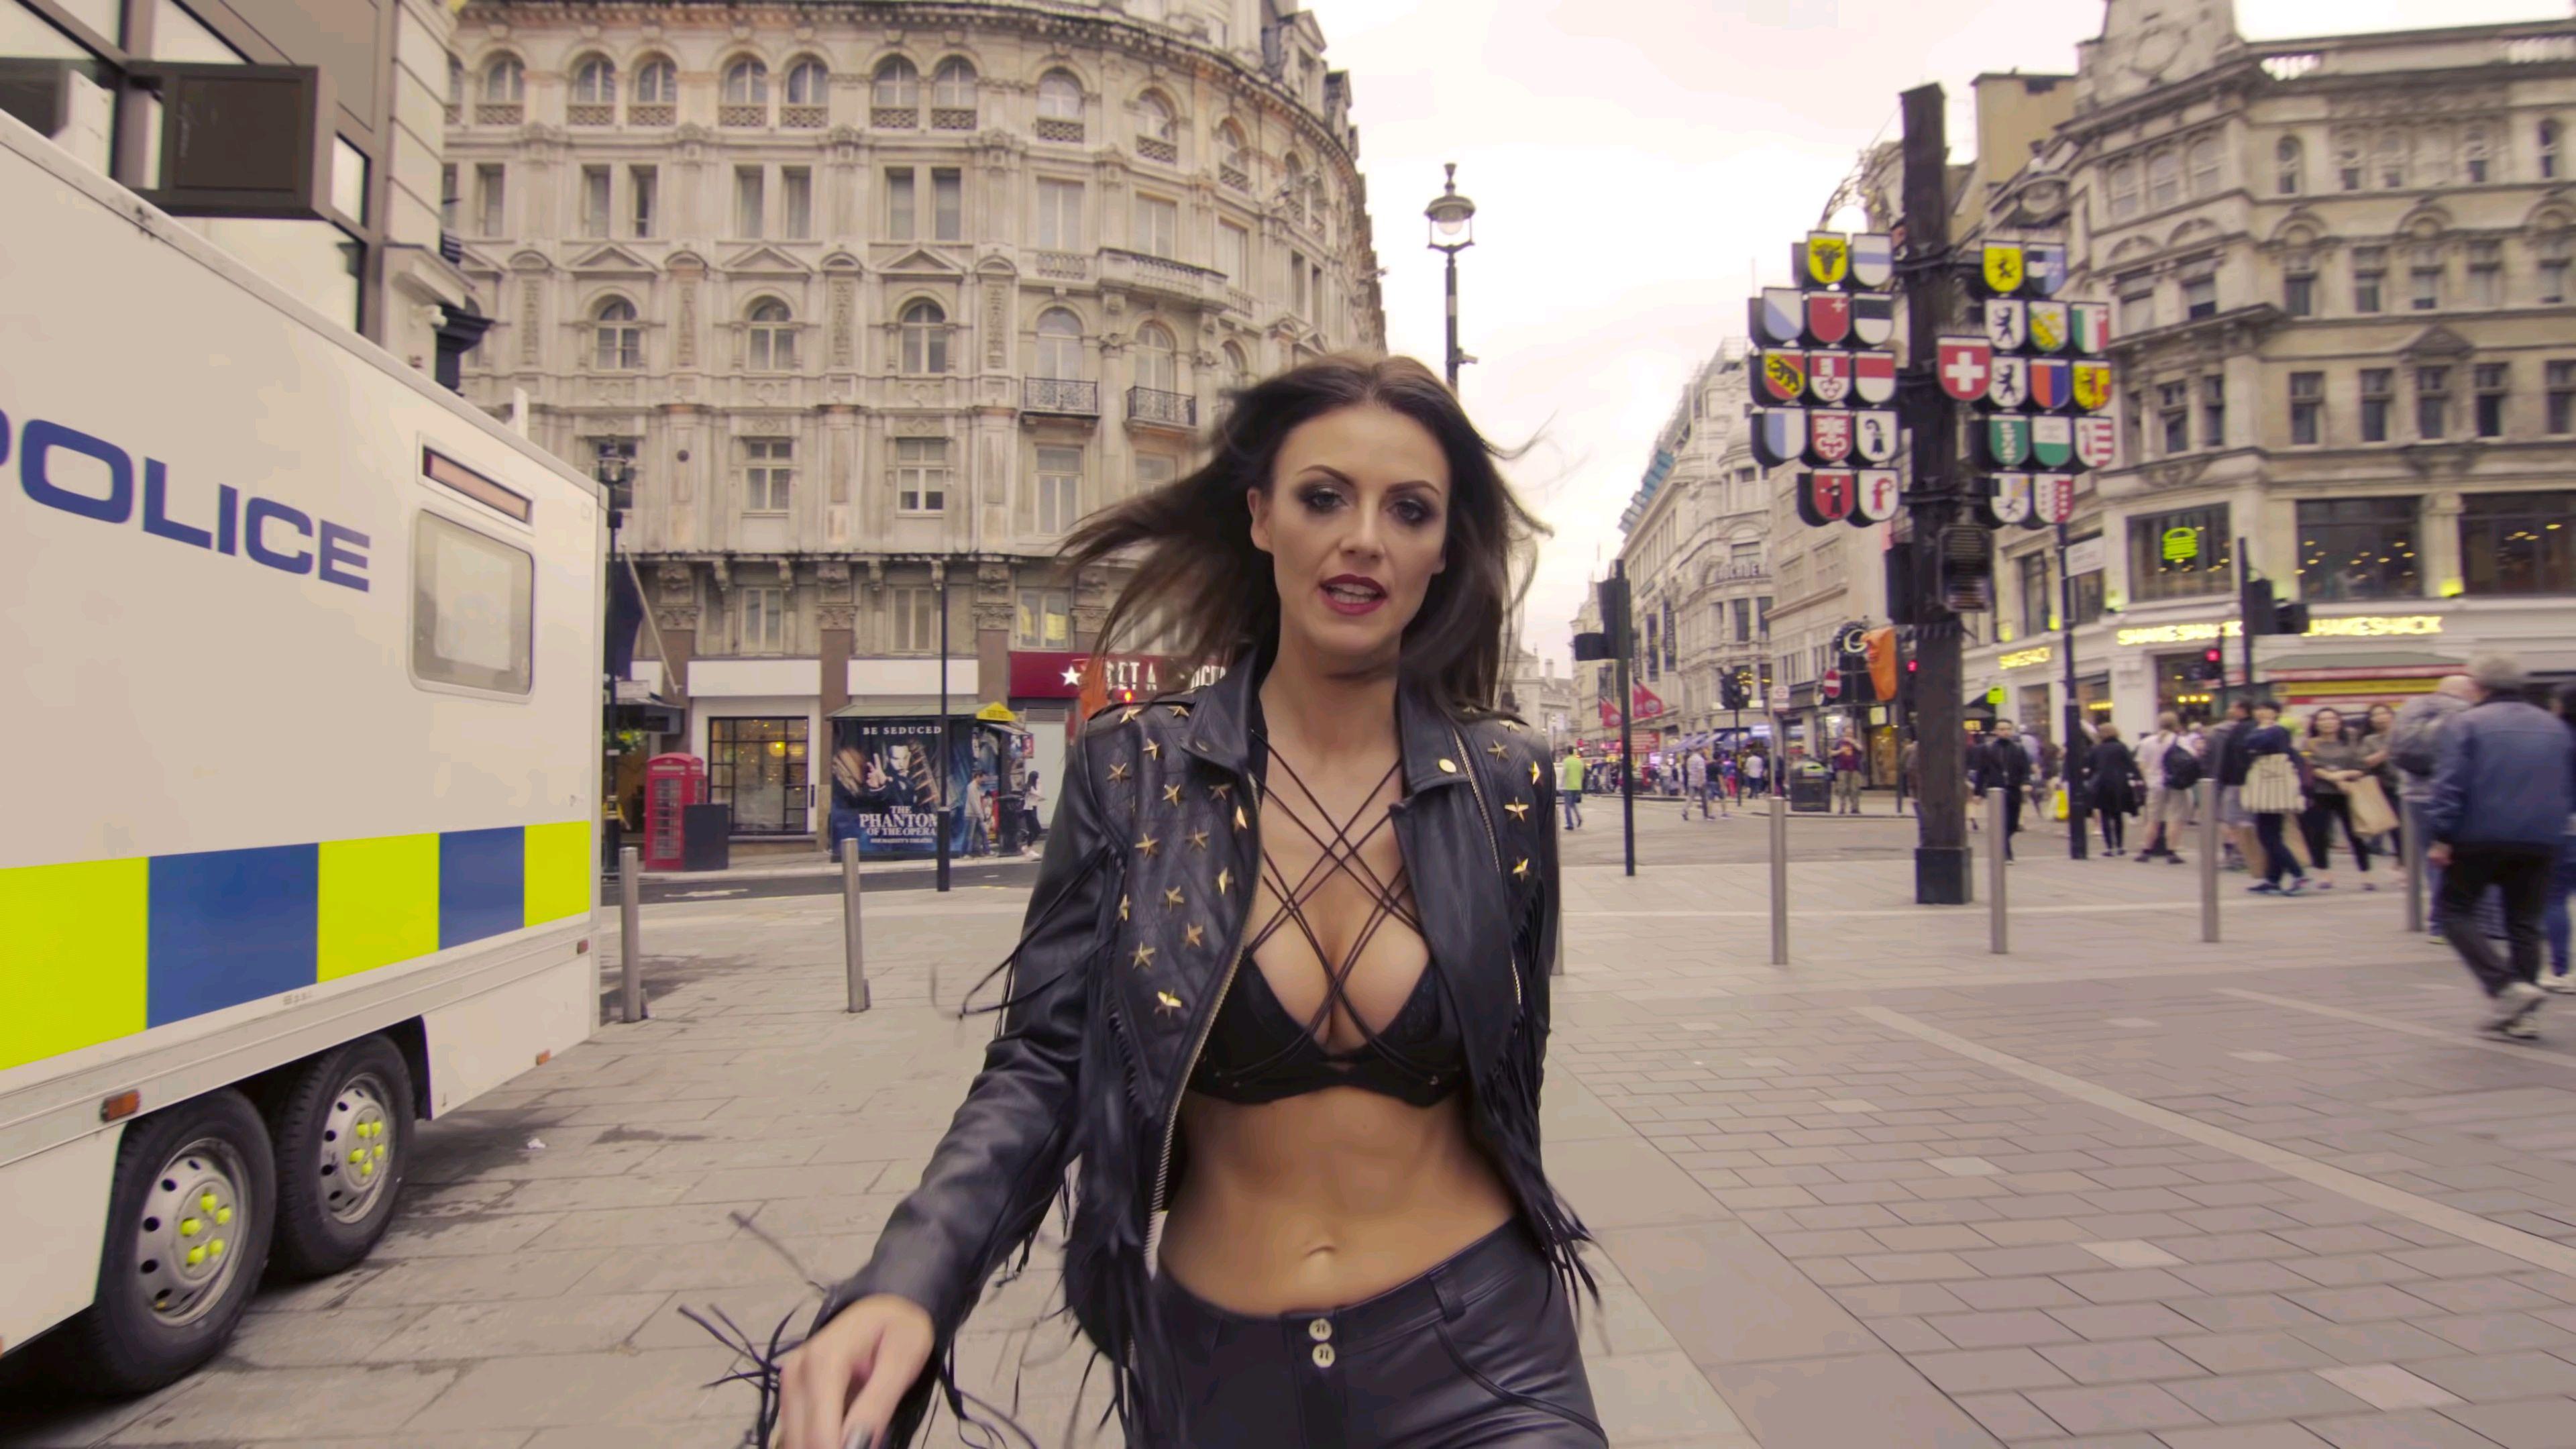 法国美女街头走秀,博人眼球?